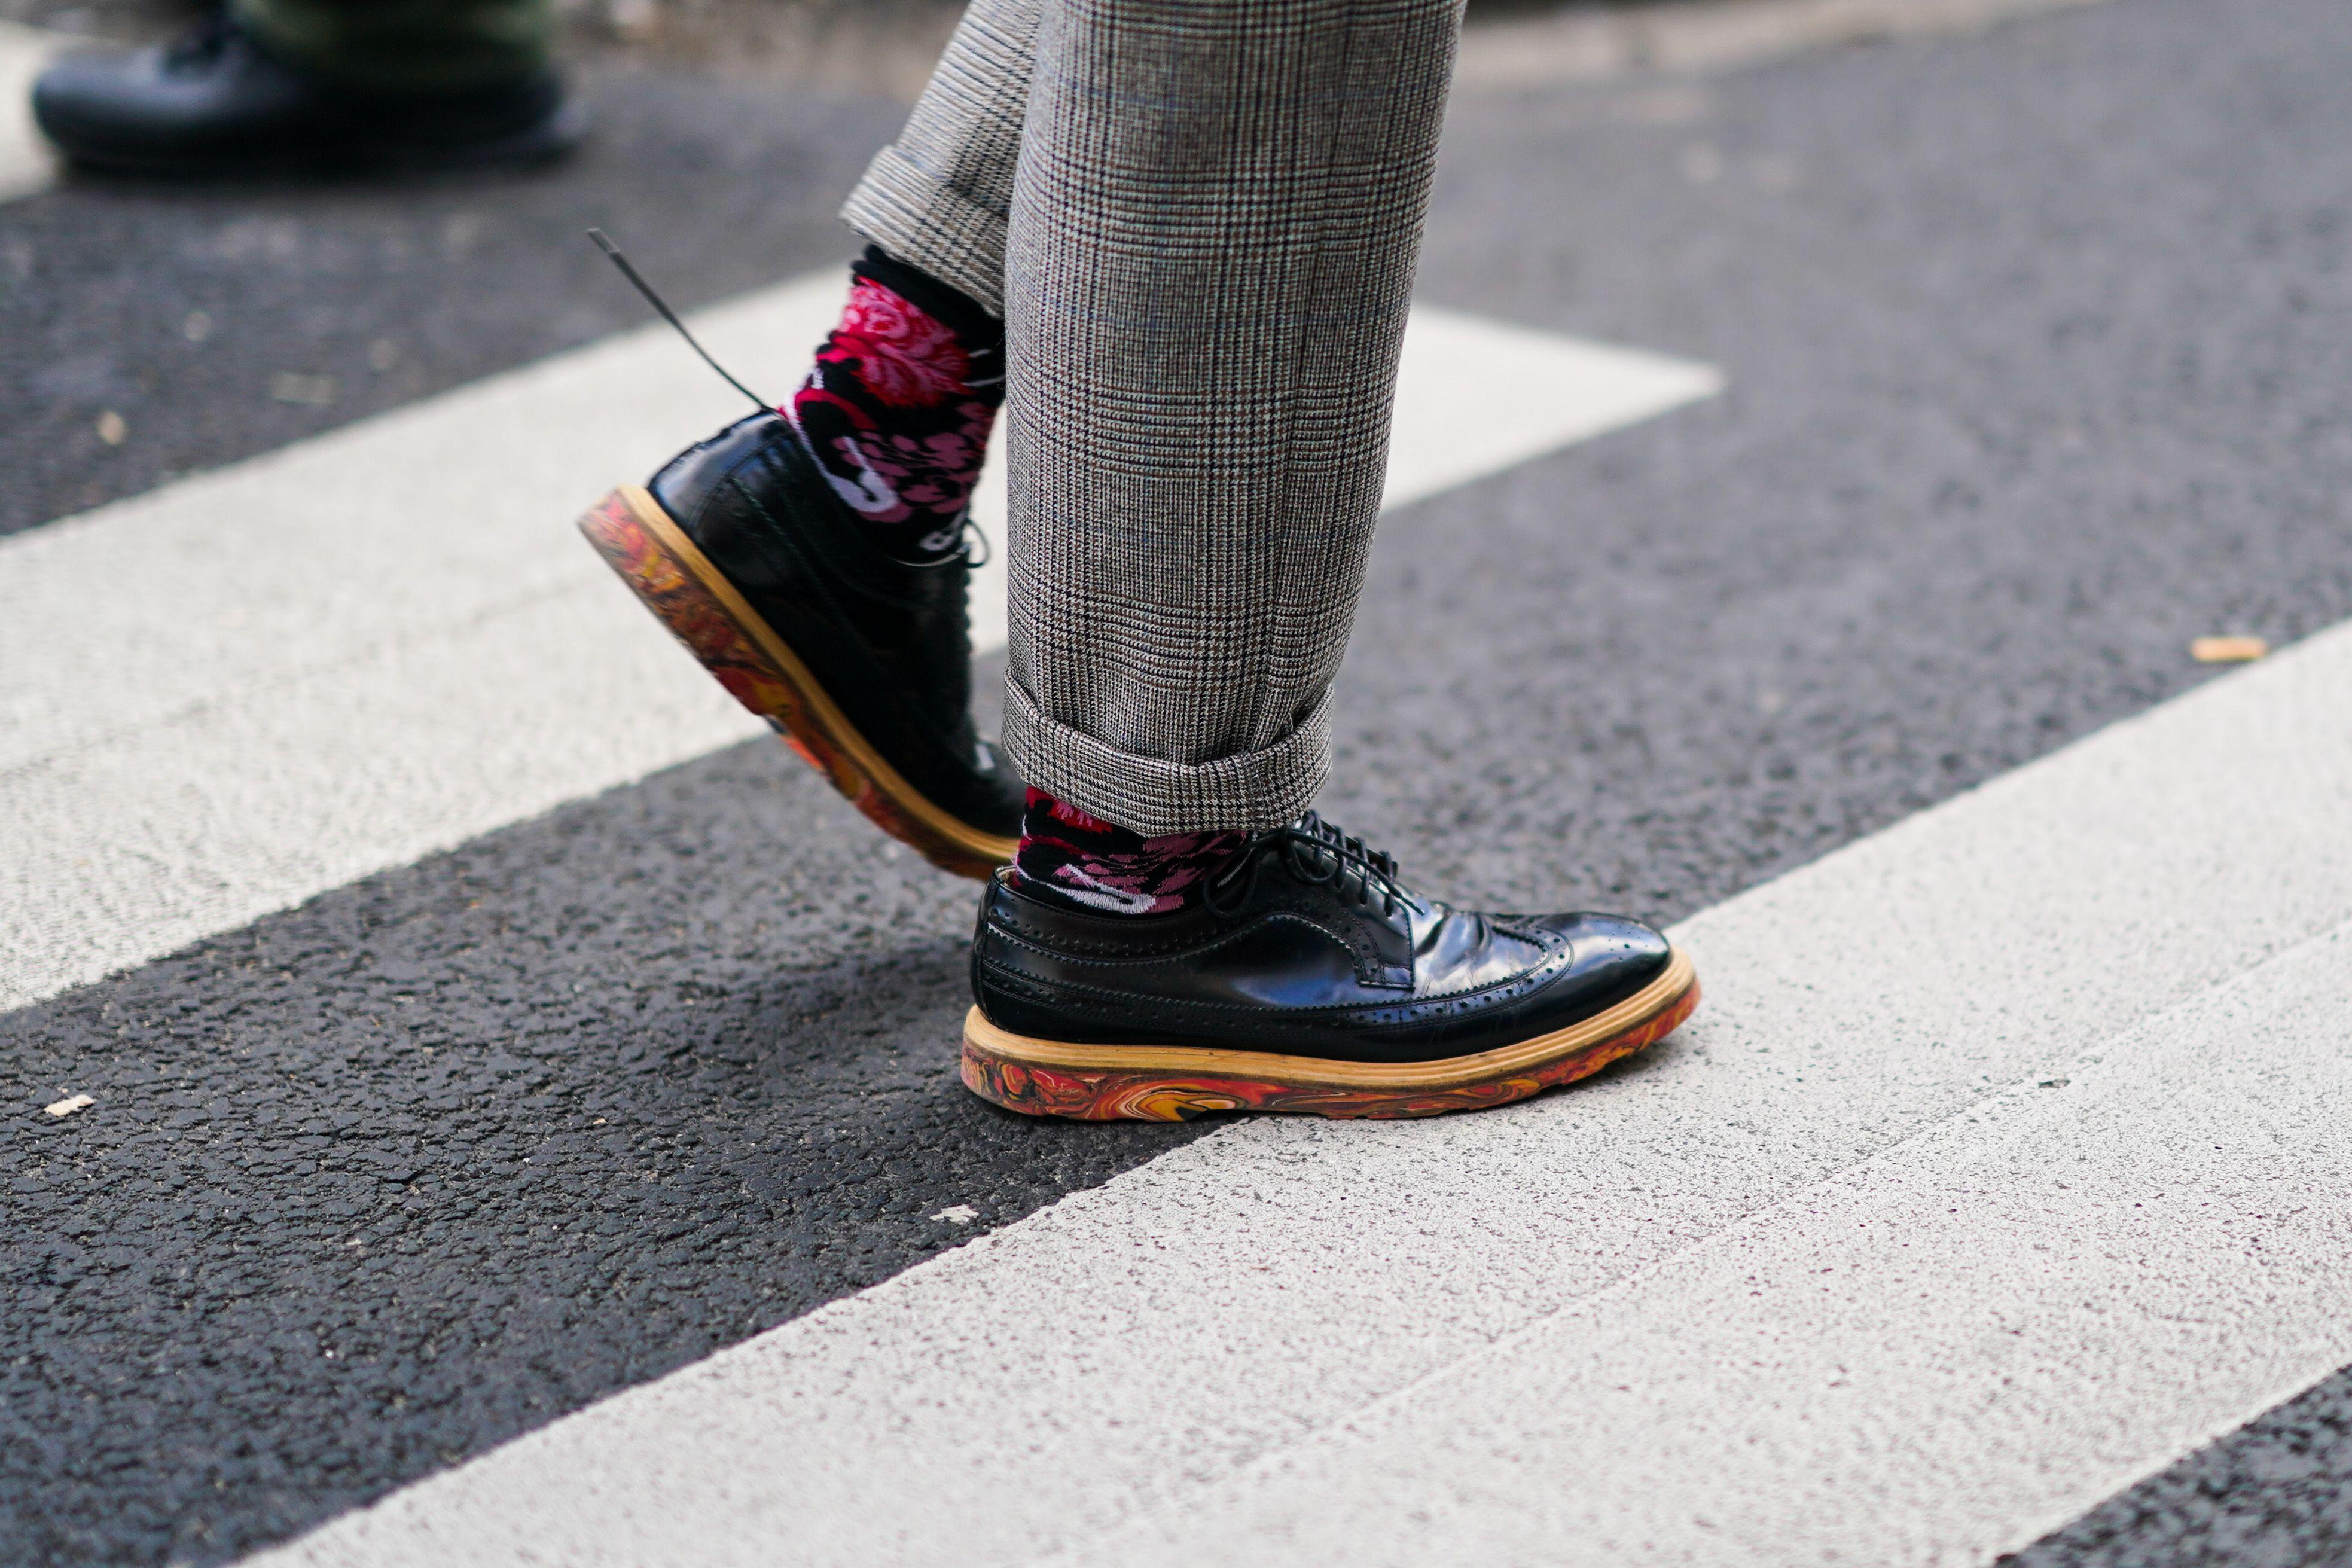 Scarpe moda 2020: le brogue stringate sono tornate in questi